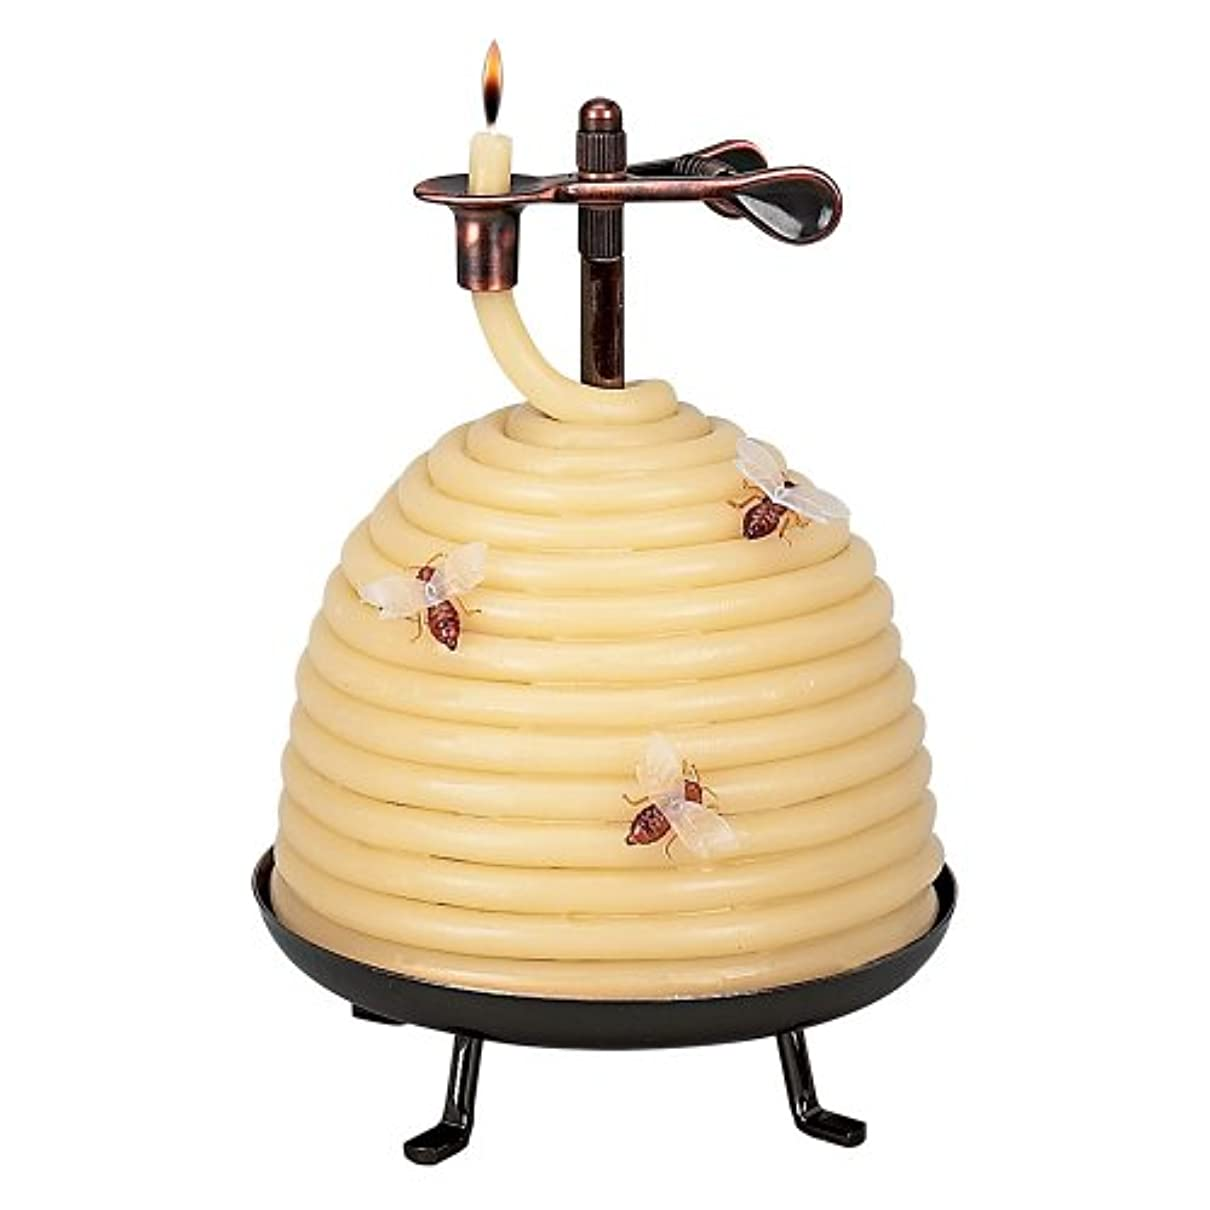 ノベルティクッション慎重Candle By The Hour 20641B 70 Hour Beehive Coil Candle